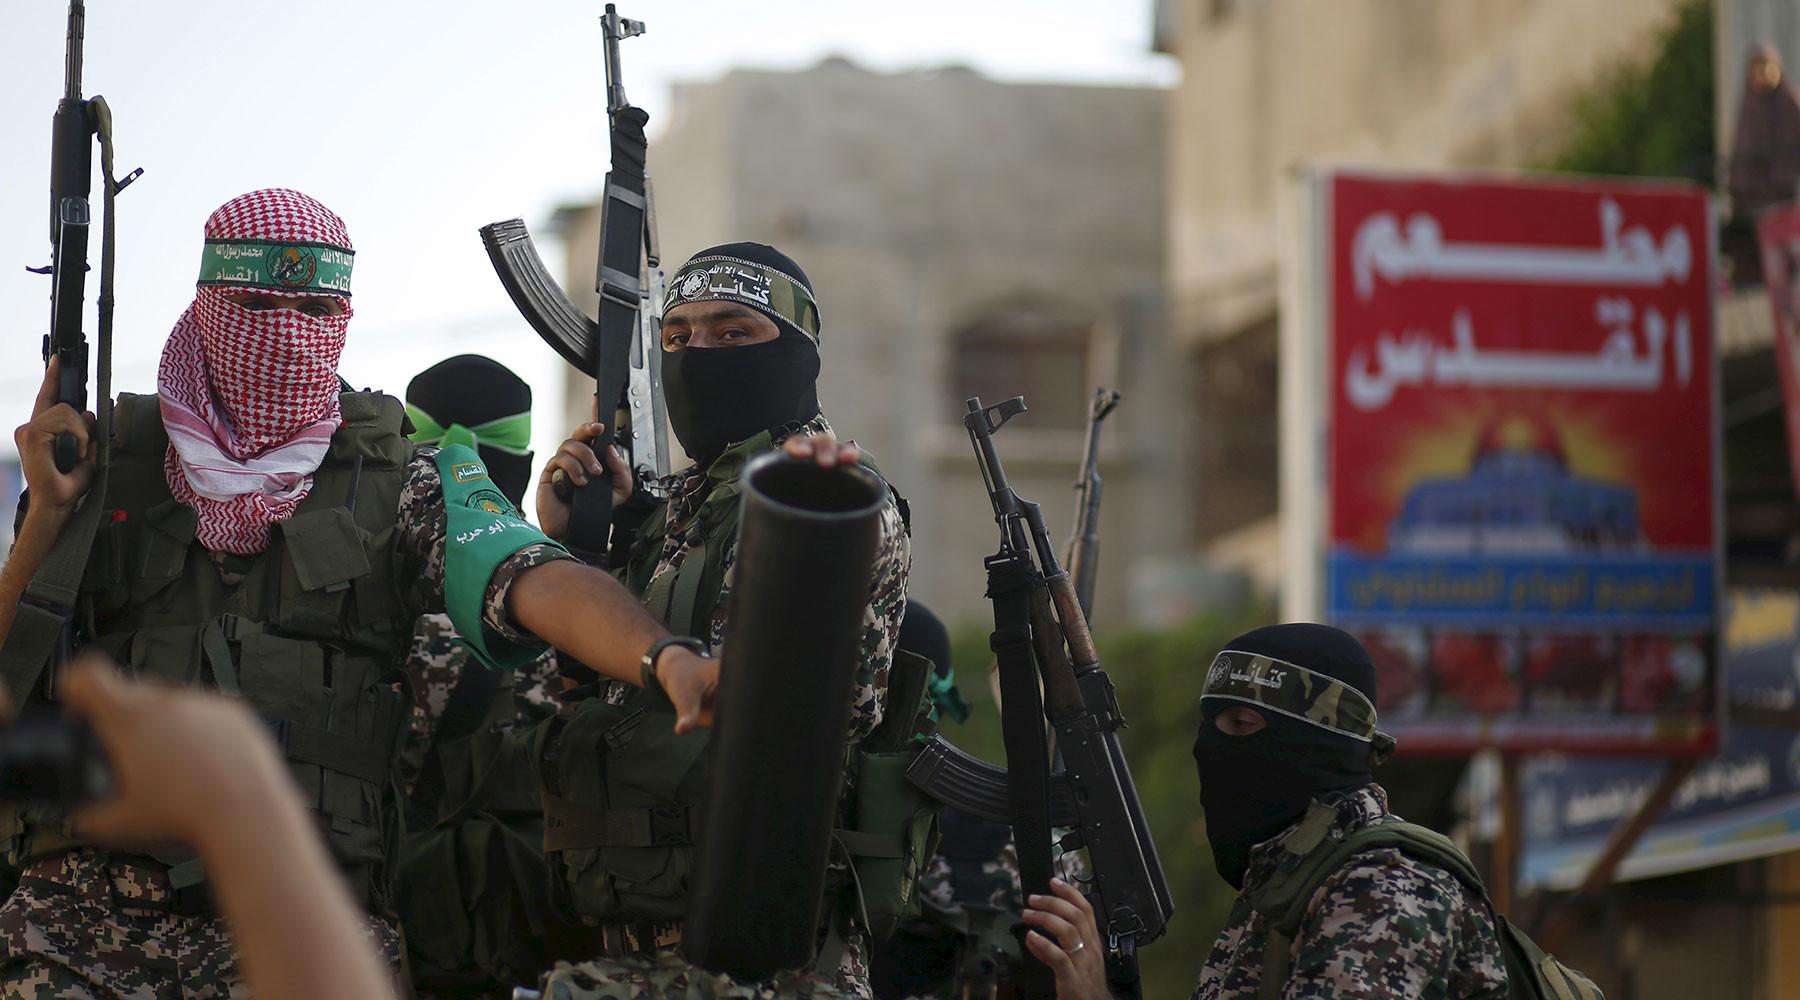 Встолкновениях сизраильской полицией погибло четверо палестинцев, еще 160 ранены